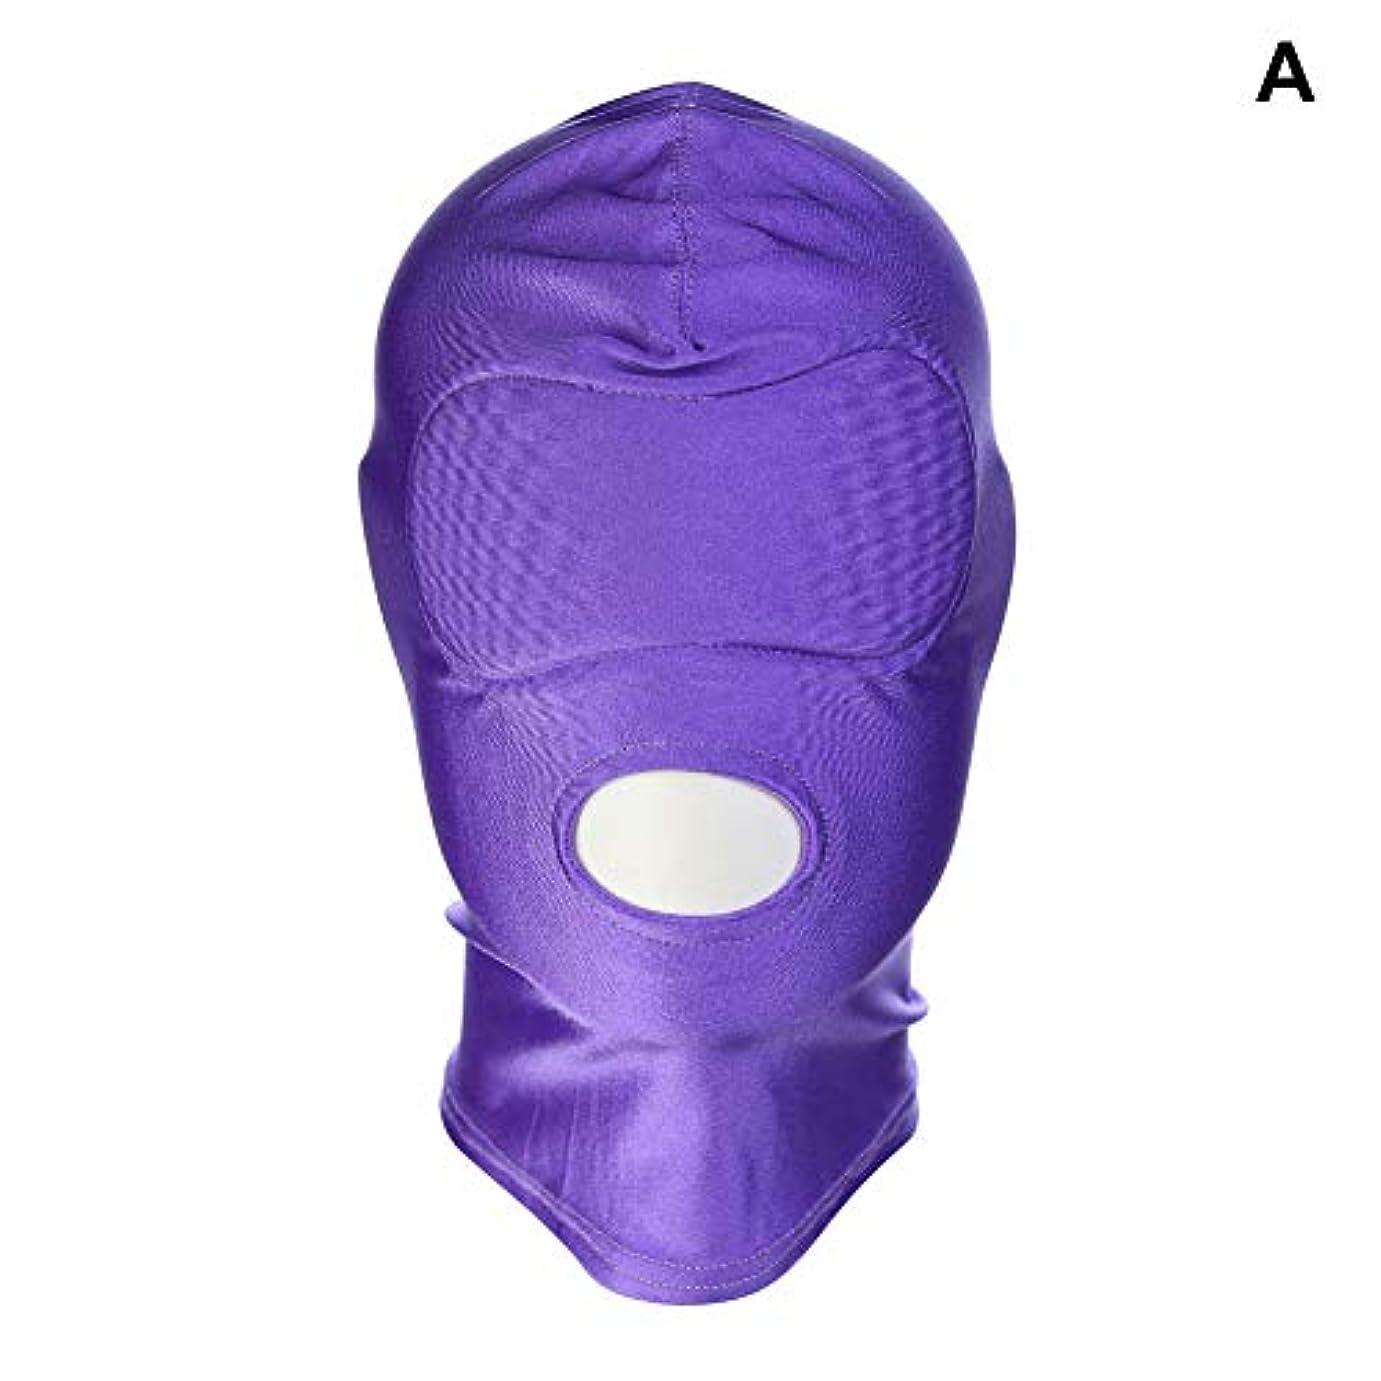 エンターテインメント温度こんにちはAlligado 1ピースマスクフードセックスグッズ製品ゲームコスプレボンデージヘッドギア安全なハロウィーンギフト